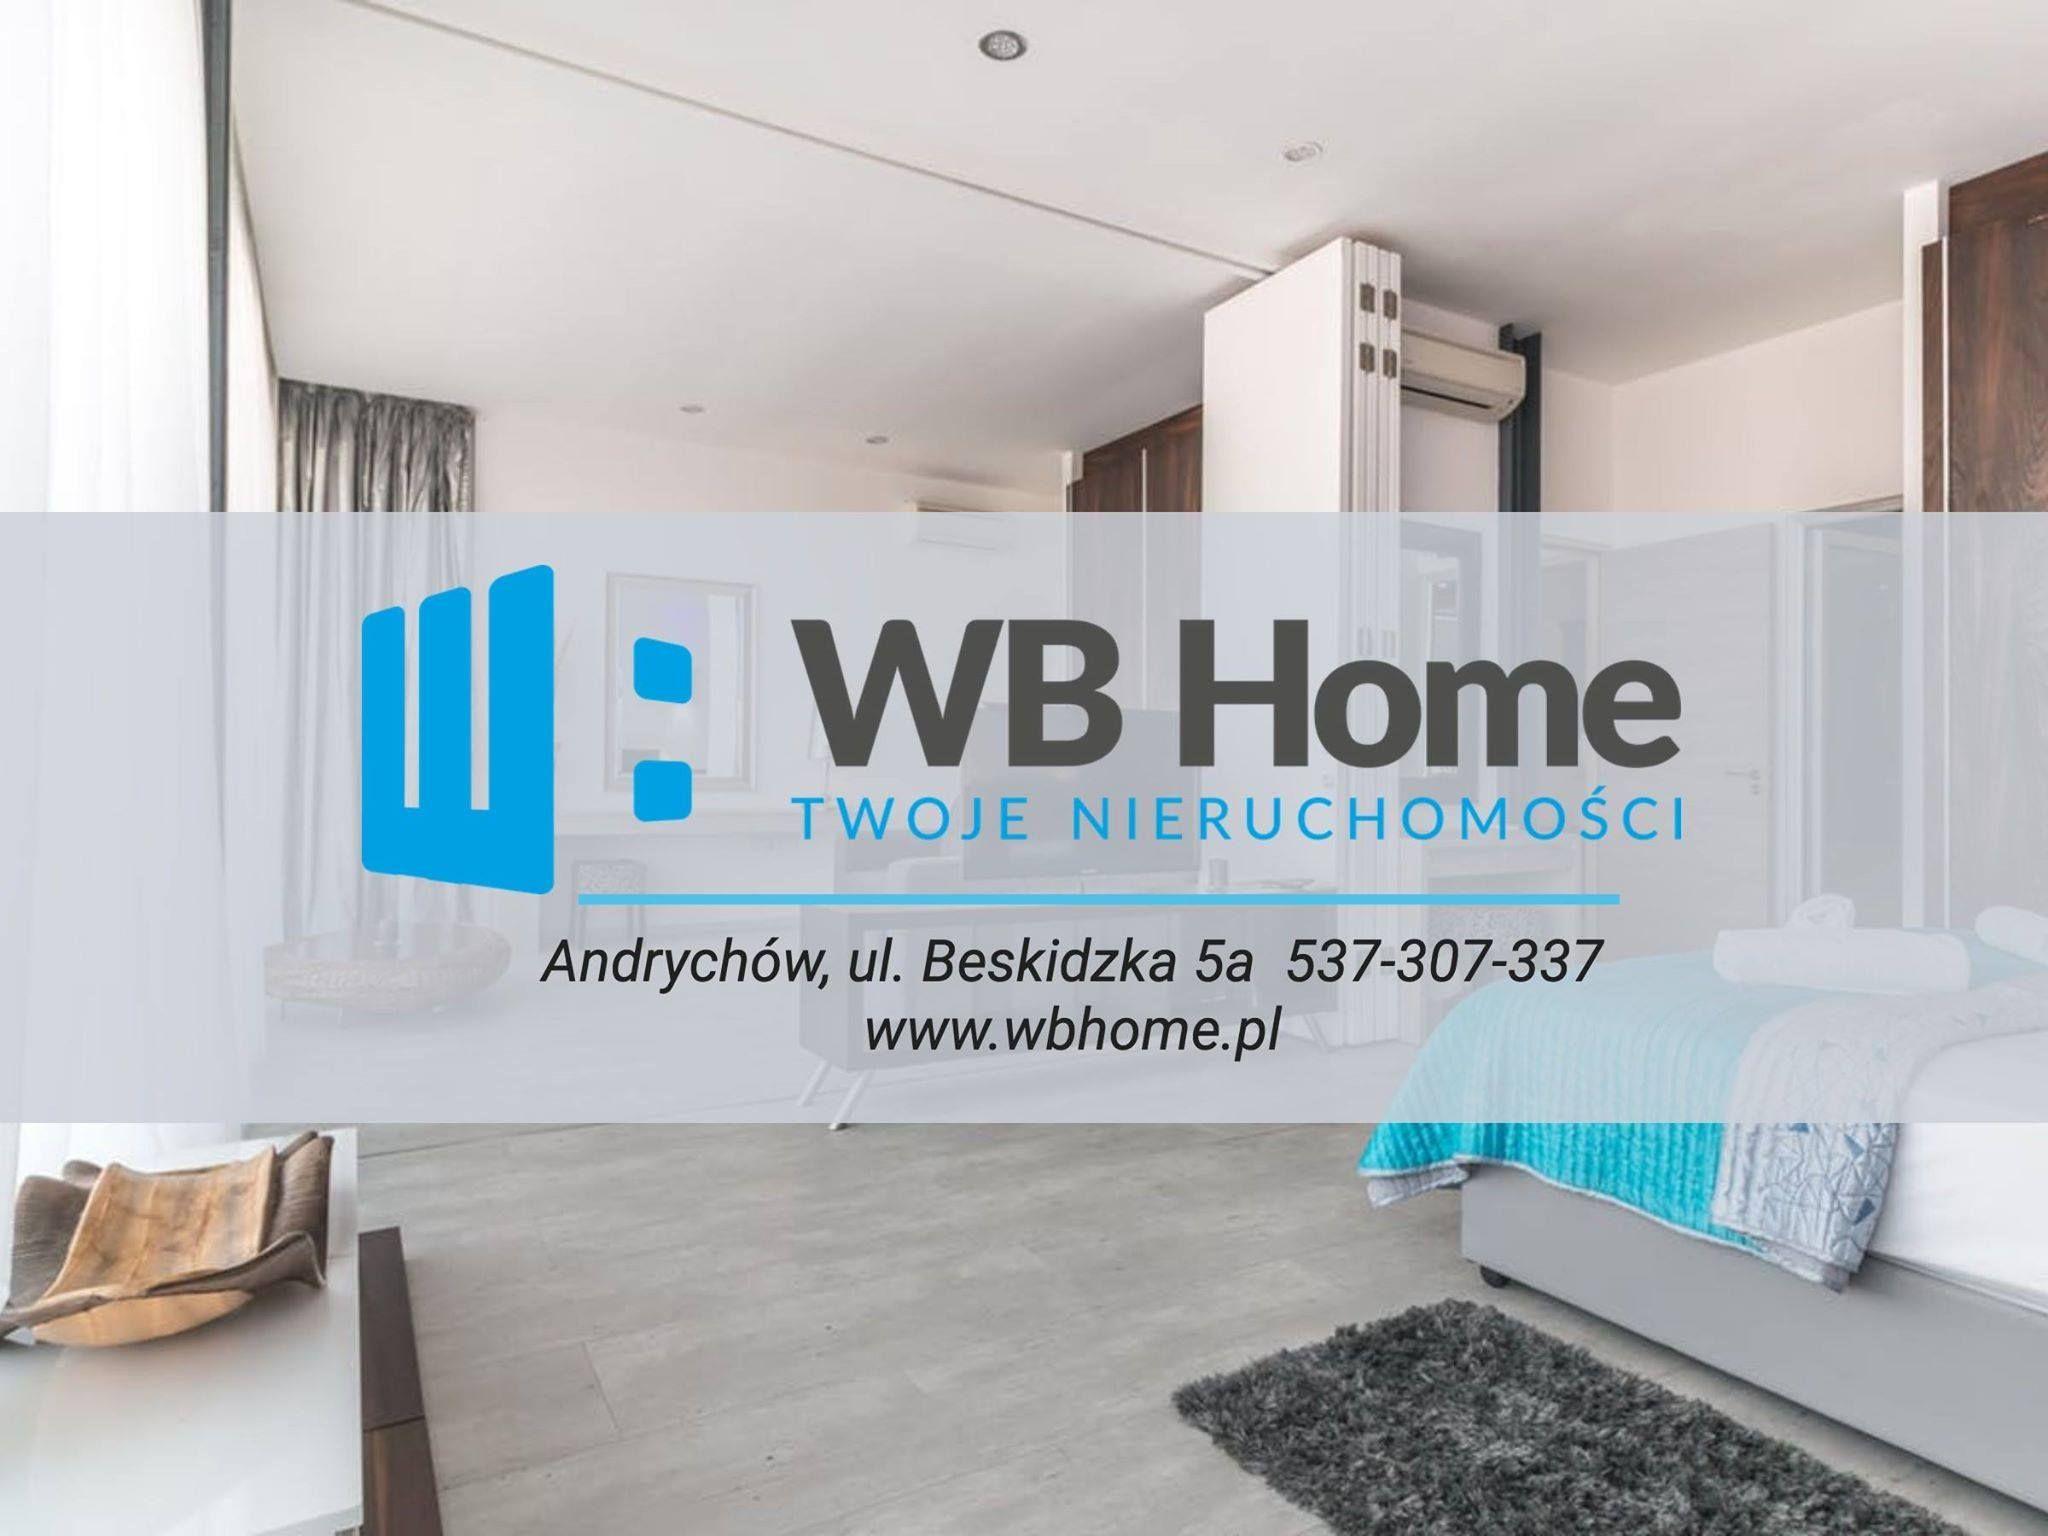 WB Home - nowe biuro nieruchomości w Andrychowie